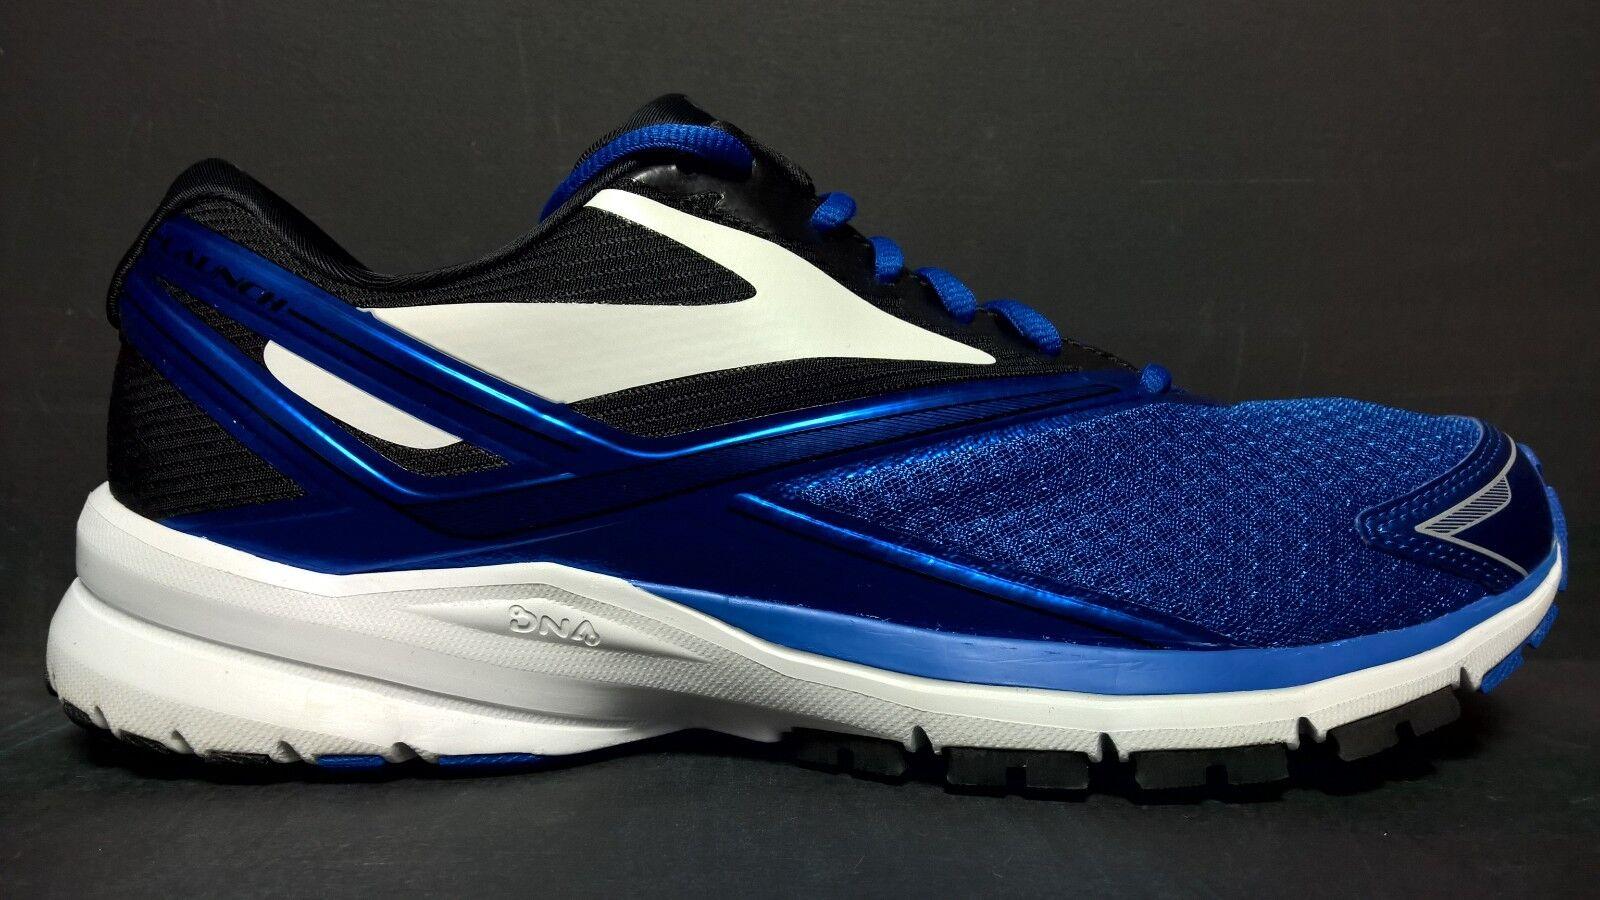 Brooks Homme Taille 10 Launch 4 Chaussures de course 110244 1D 486 Bleu Noir Blanc